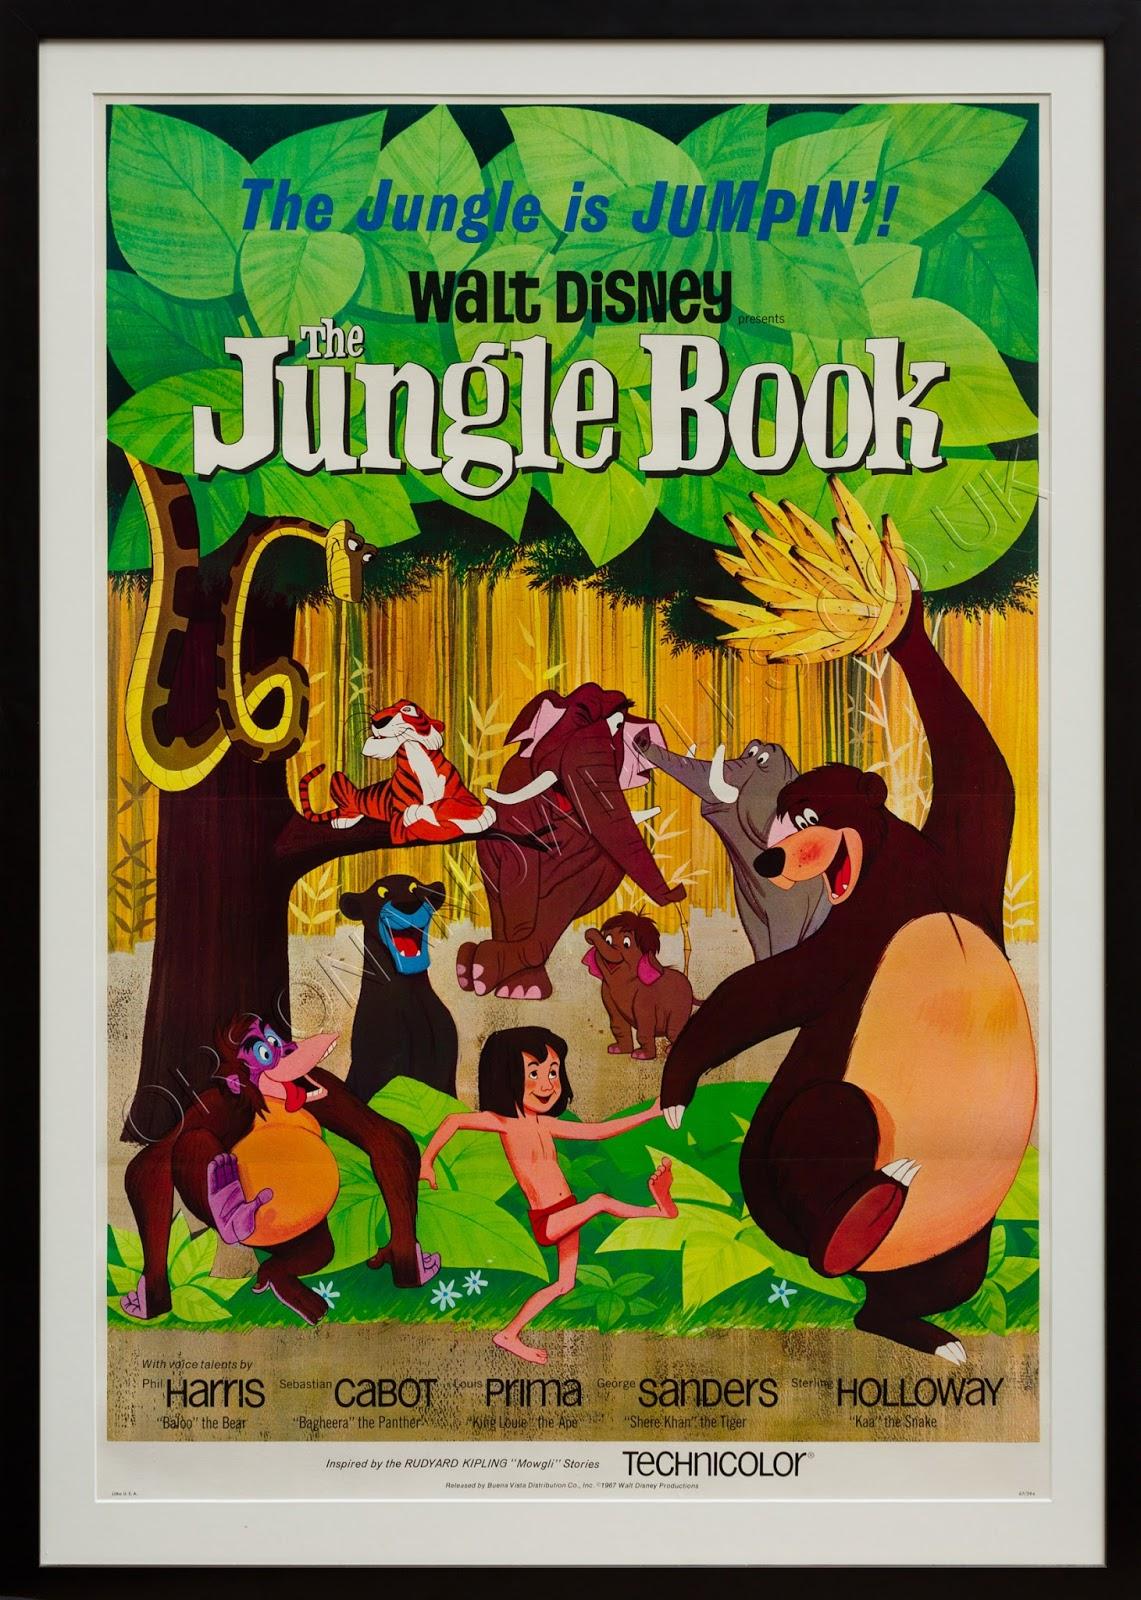 ディズニー映画 感想】ジャングル・ブック ~実写版と180度異なるラスト